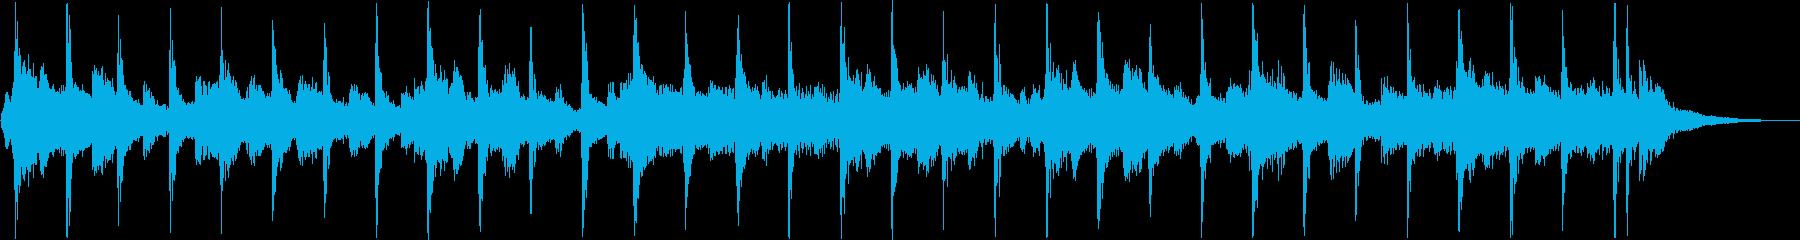 アクティブでポップなジングルの再生済みの波形